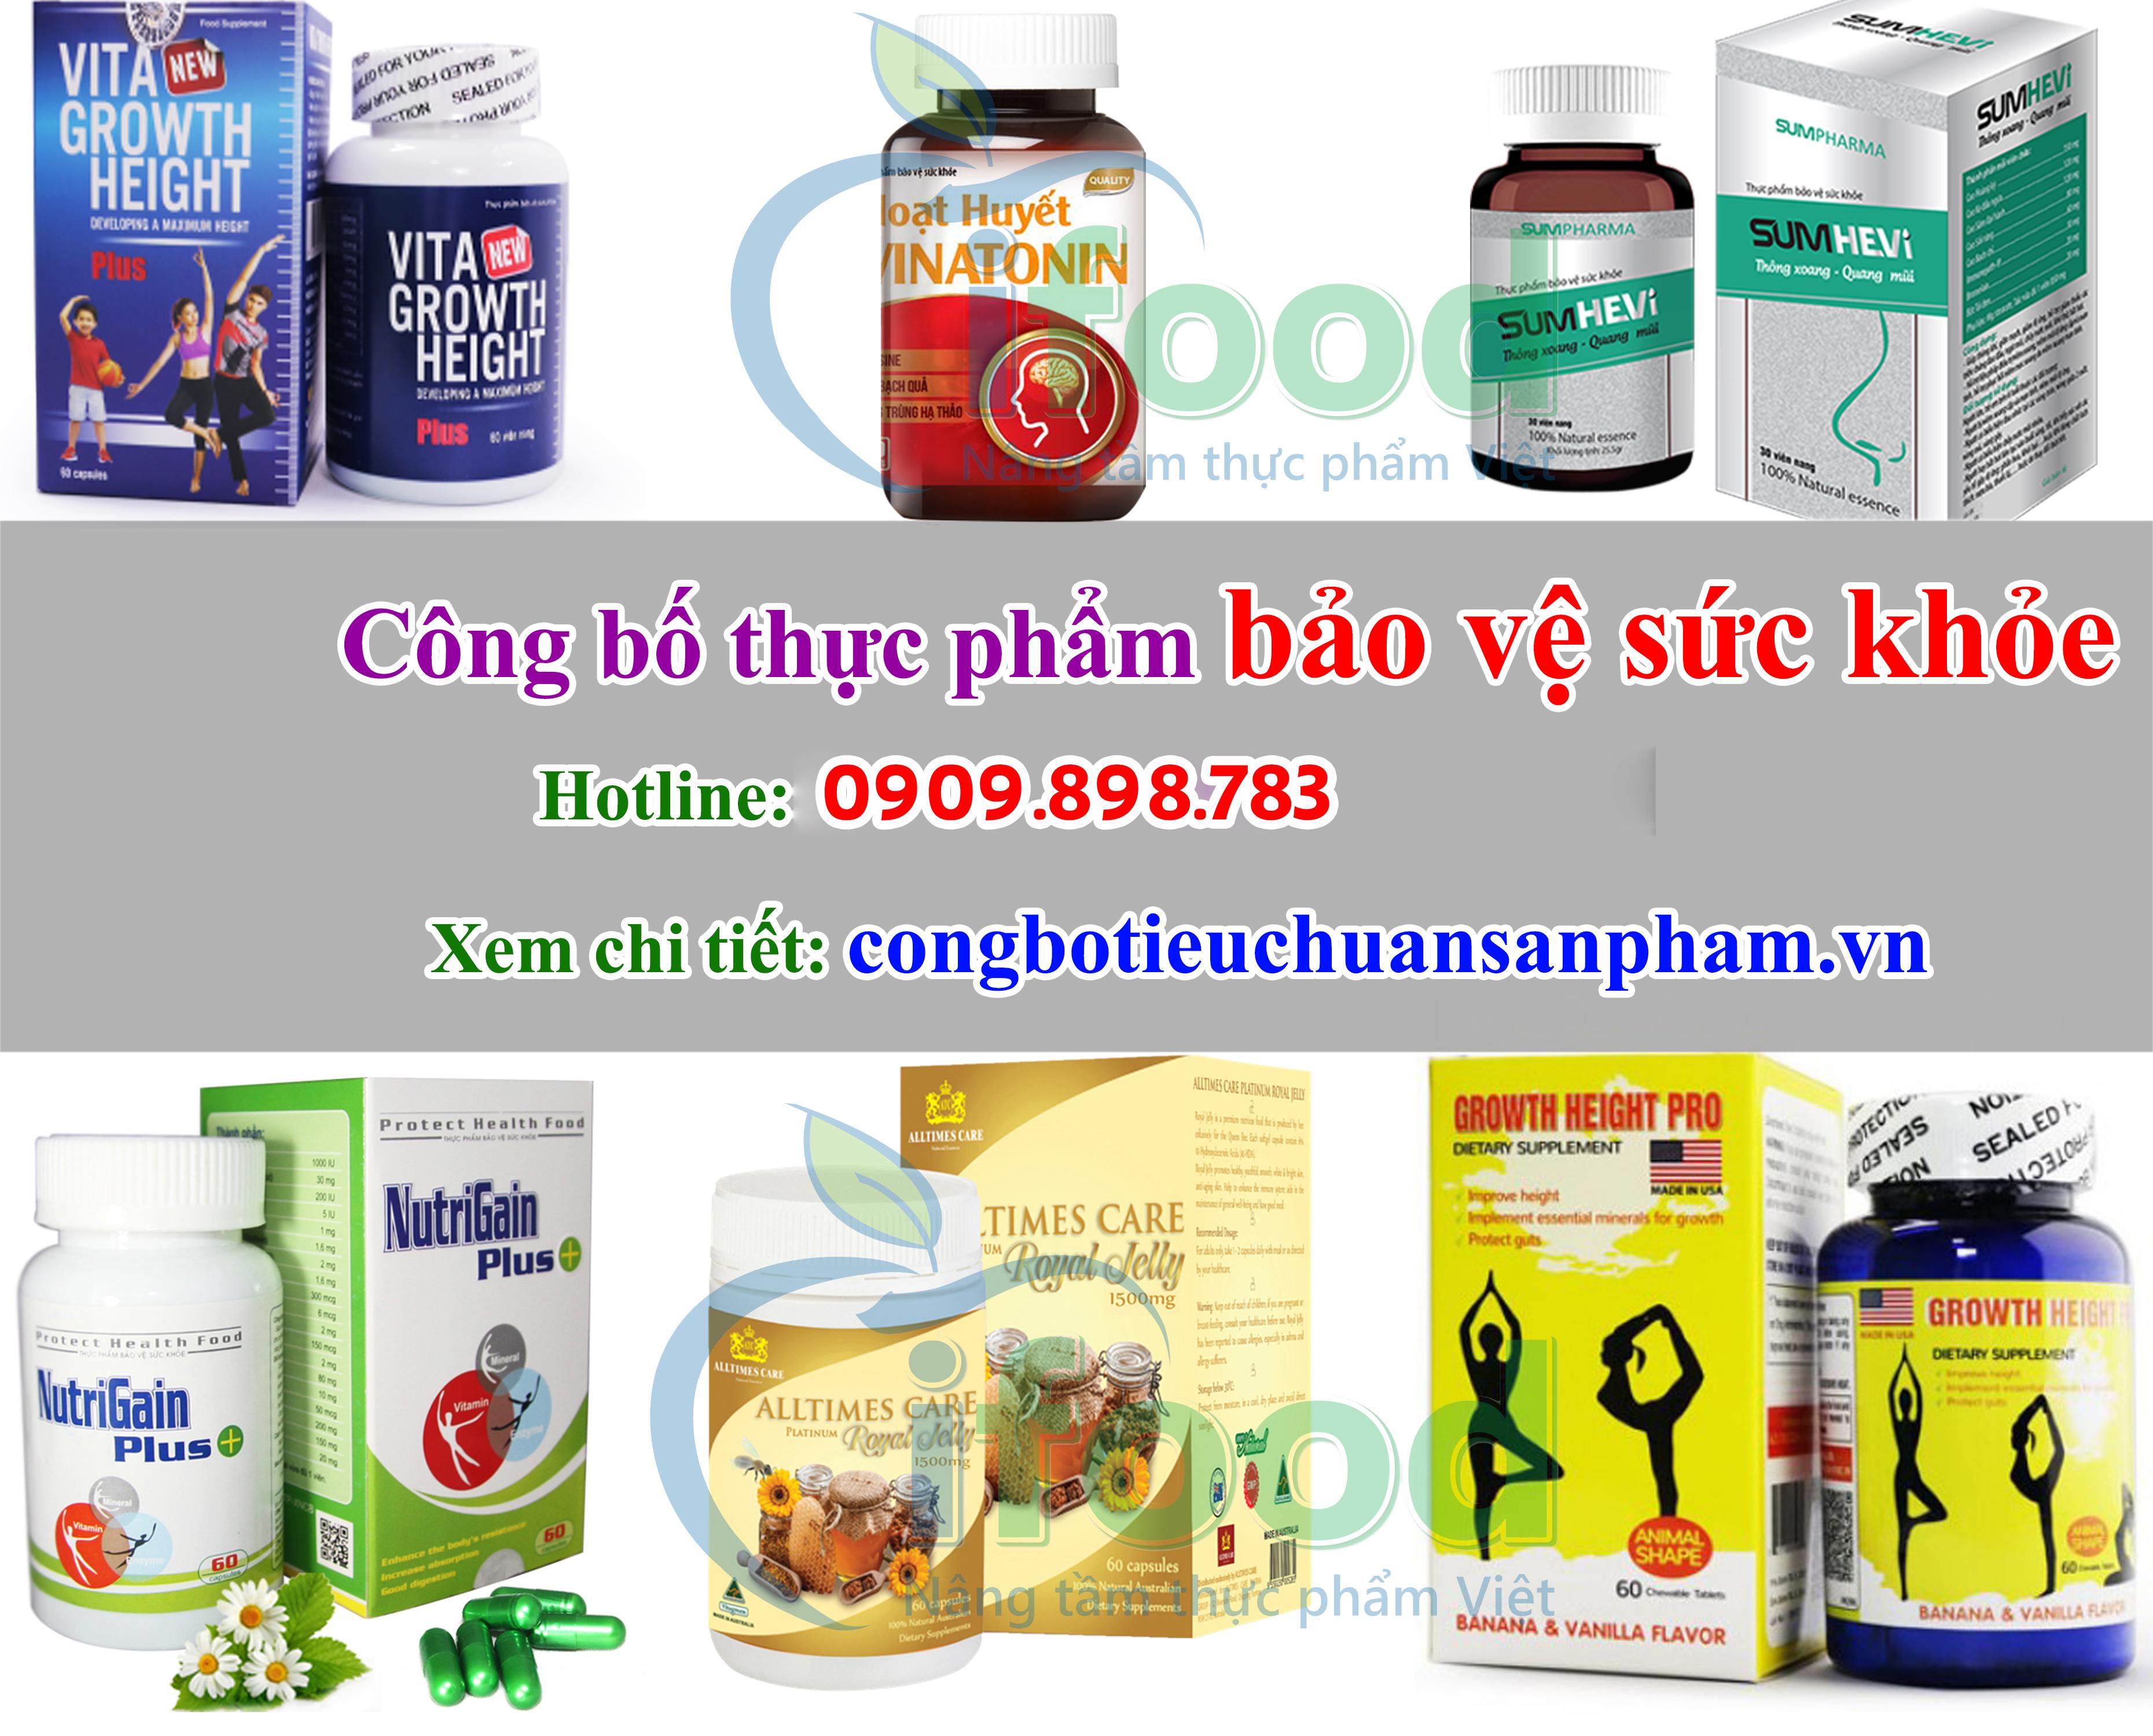 công-bố-thực-phẩm-bảo-vệ-sức-khỏe-1